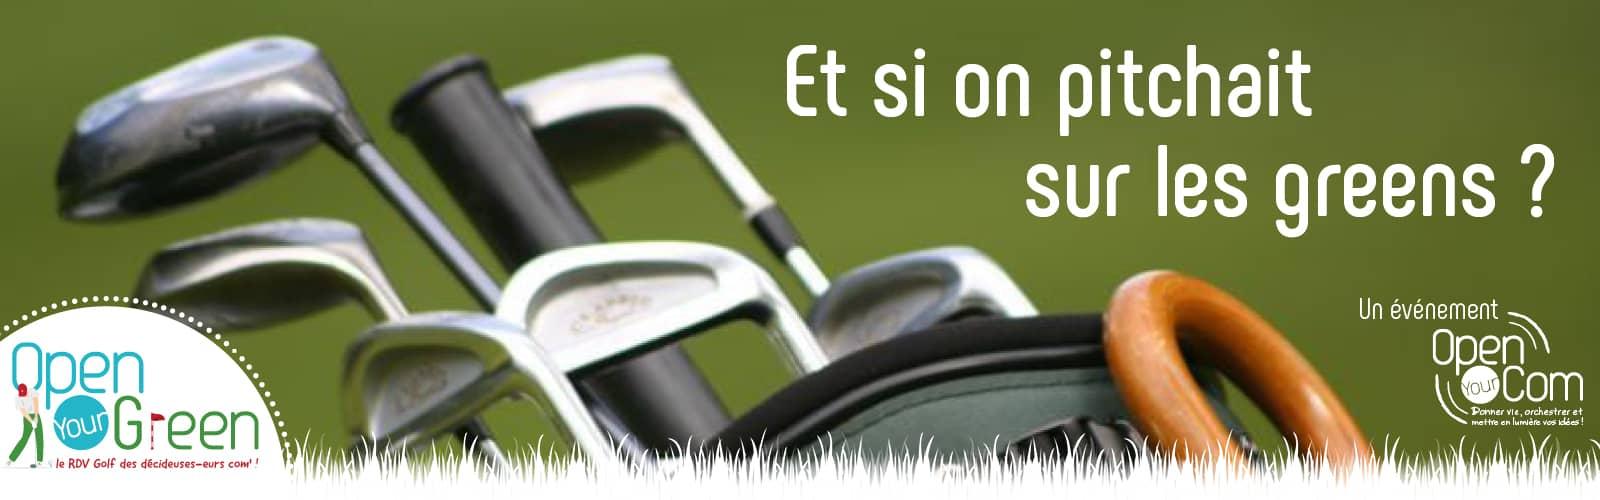 Open Your Com l'agence de communication et événementielle qui rencontre ses clients et prospects sur les greens Open Your Green